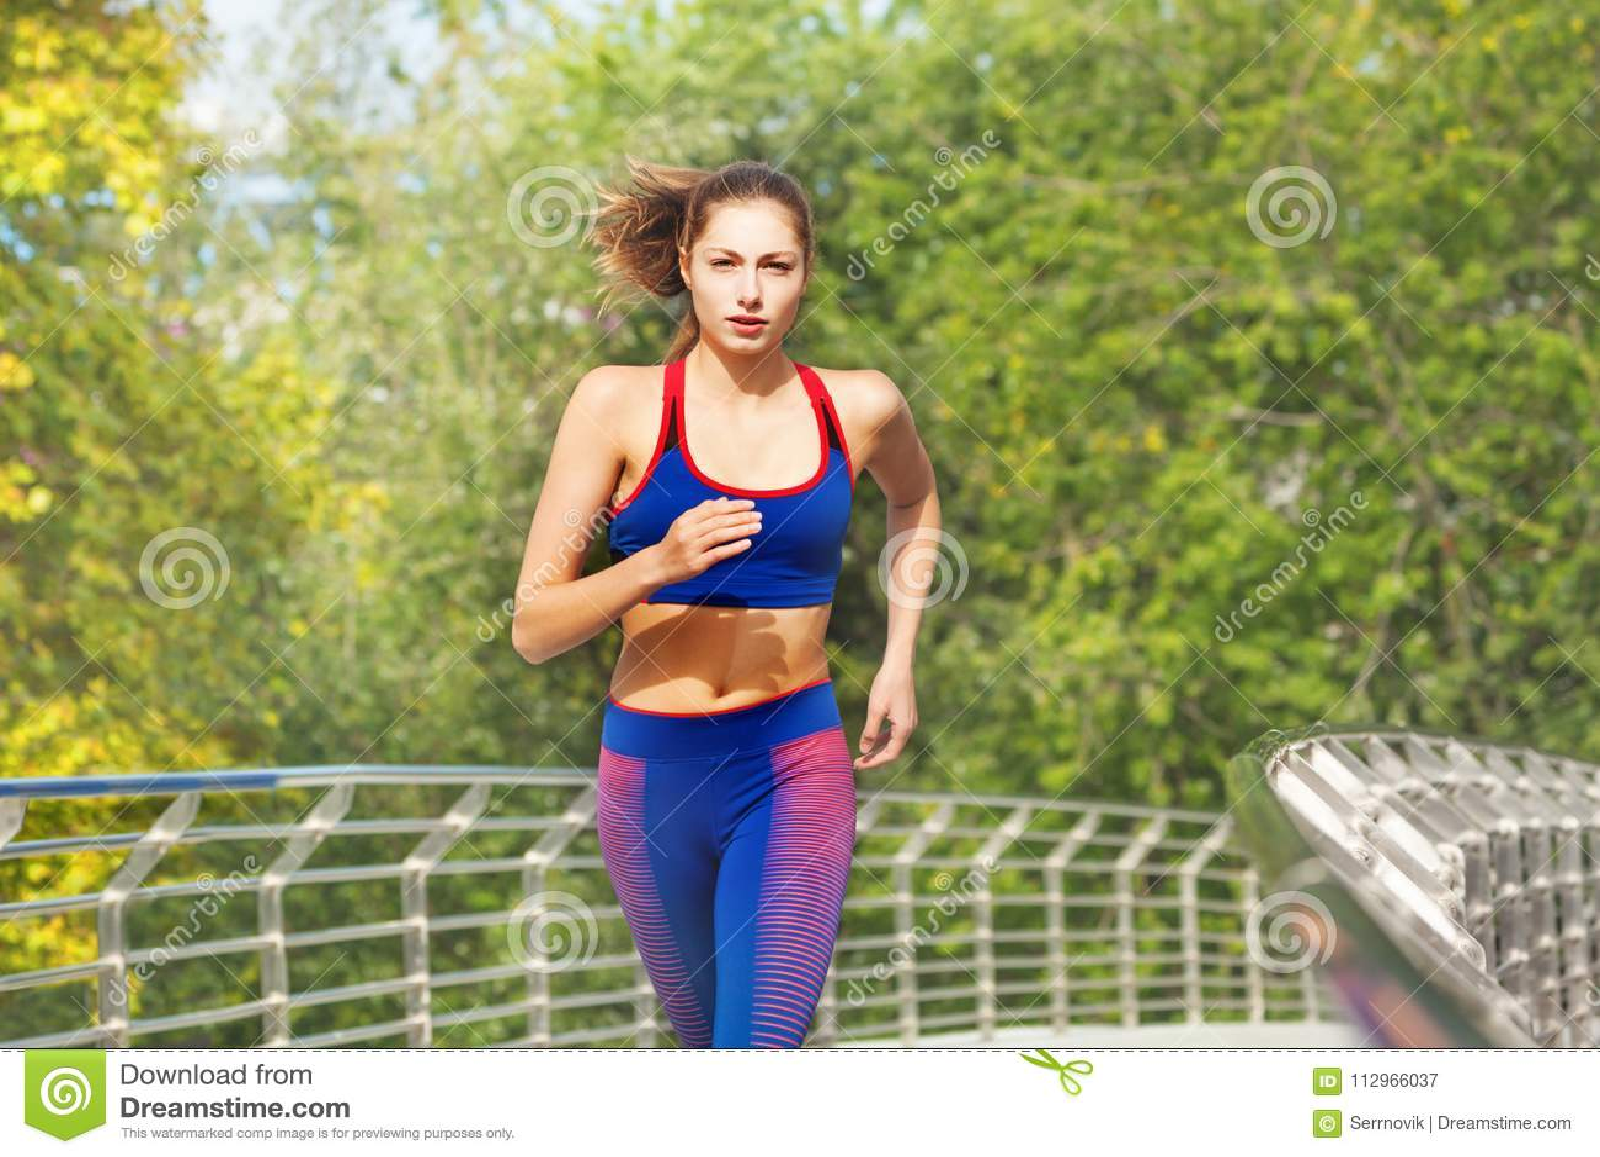 Download Belle Femme Courant à Travers Le Parc De Ville Image stock - Image  du exercice 49700be868b